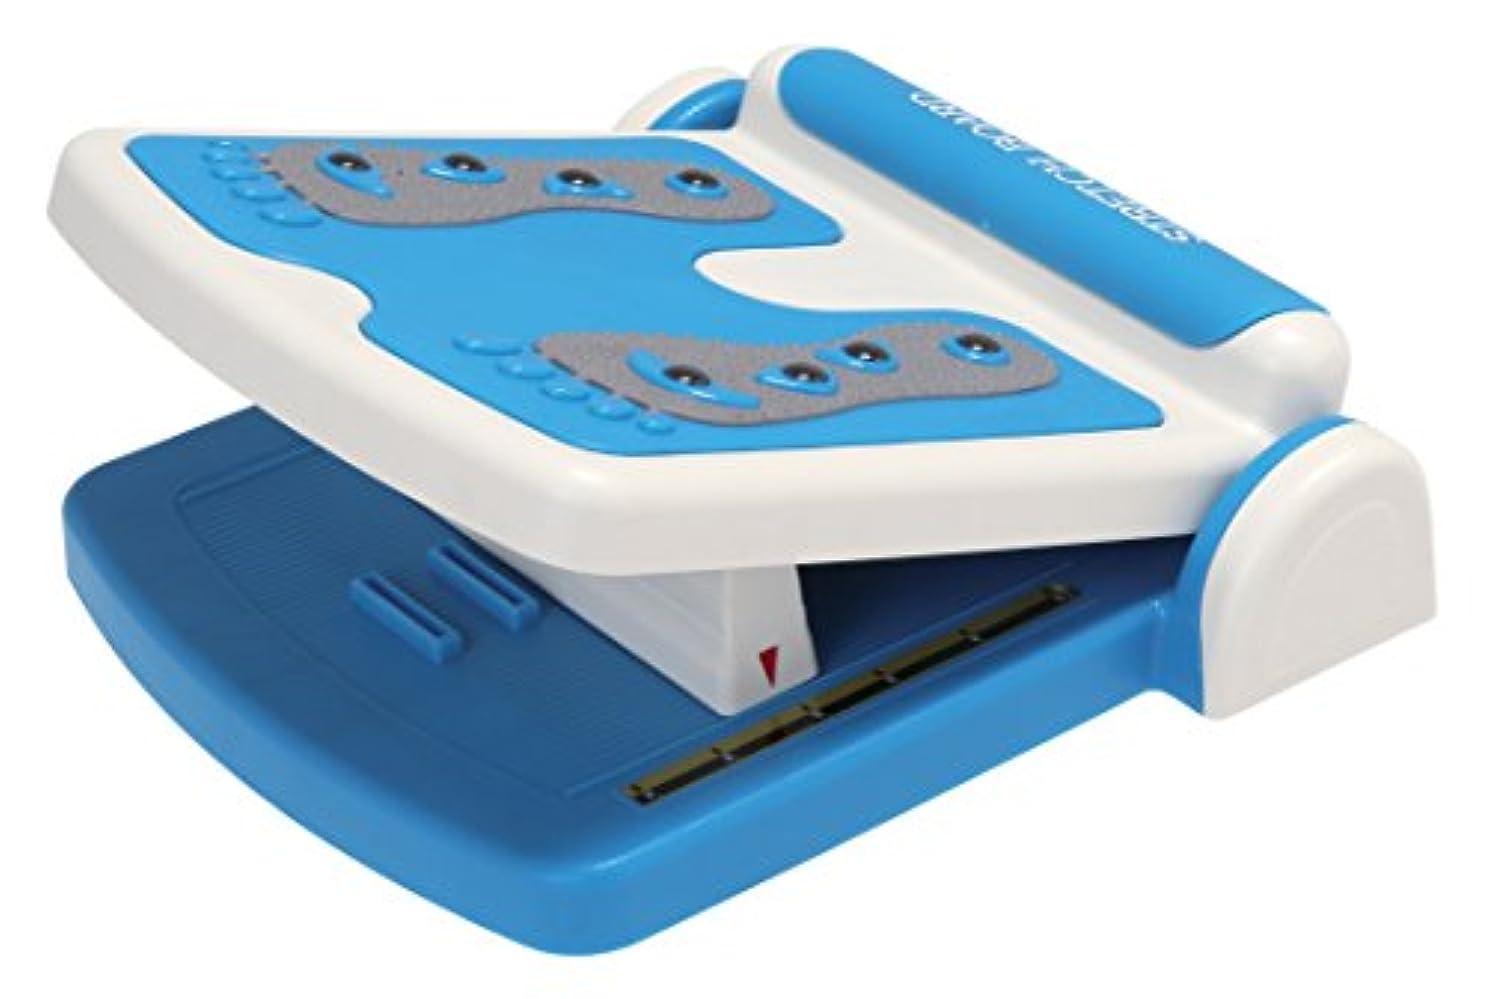 引数犯す開示するアクティブストレッチボード ほっとする薬用発泡入浴剤付き